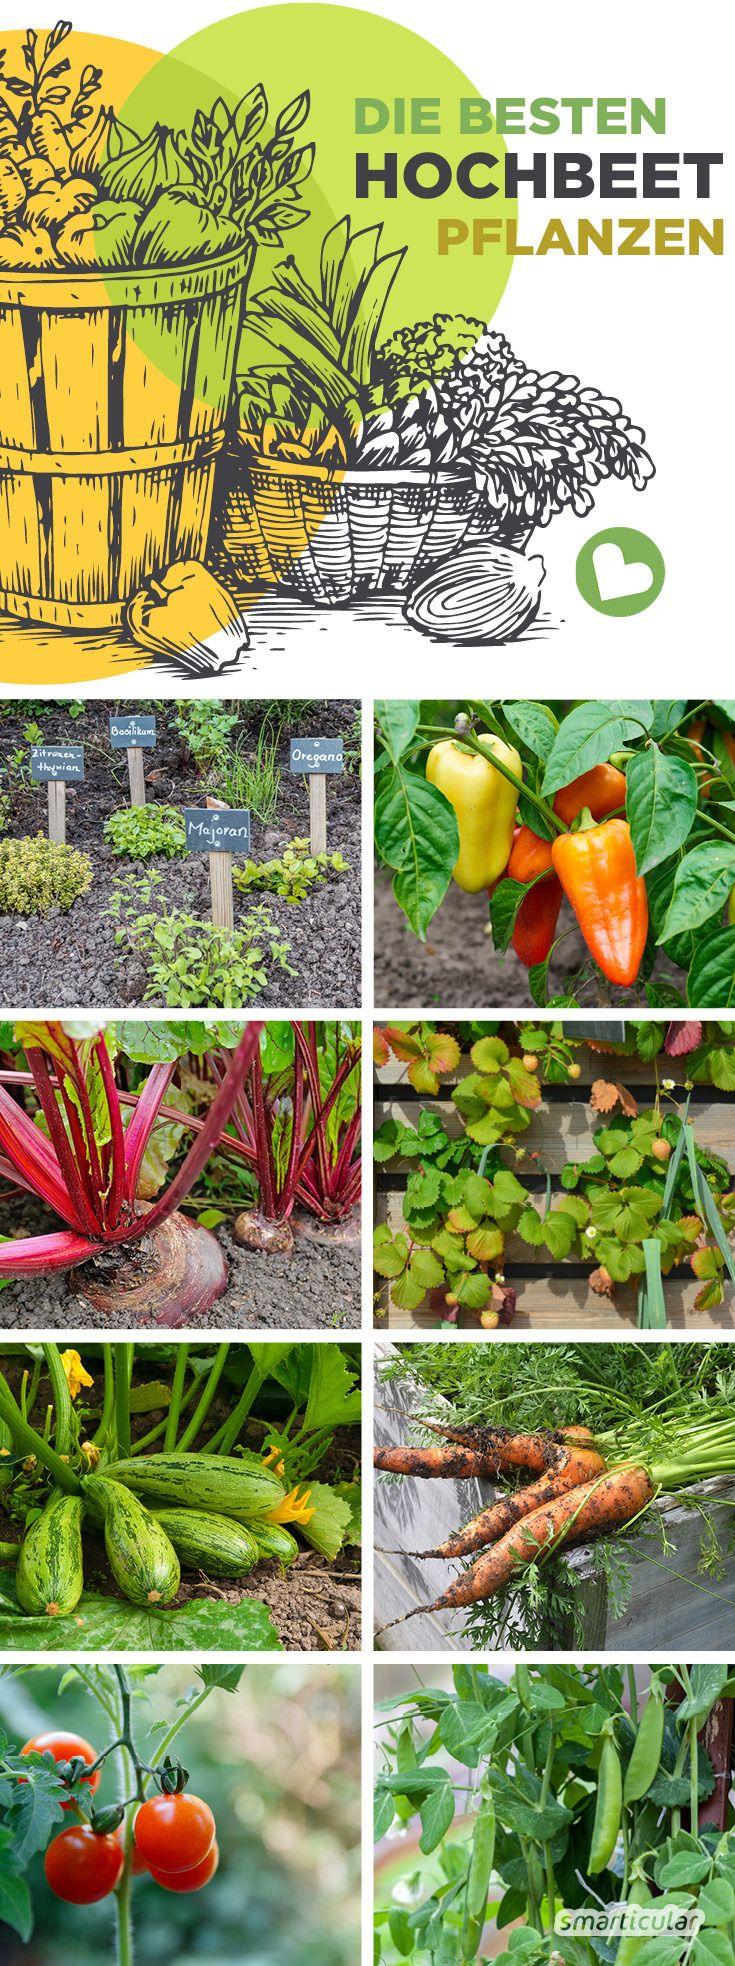 Die besten Hochbeetpflanzen: Gemüse, Kräuter, Früchte für eine gute Ernte